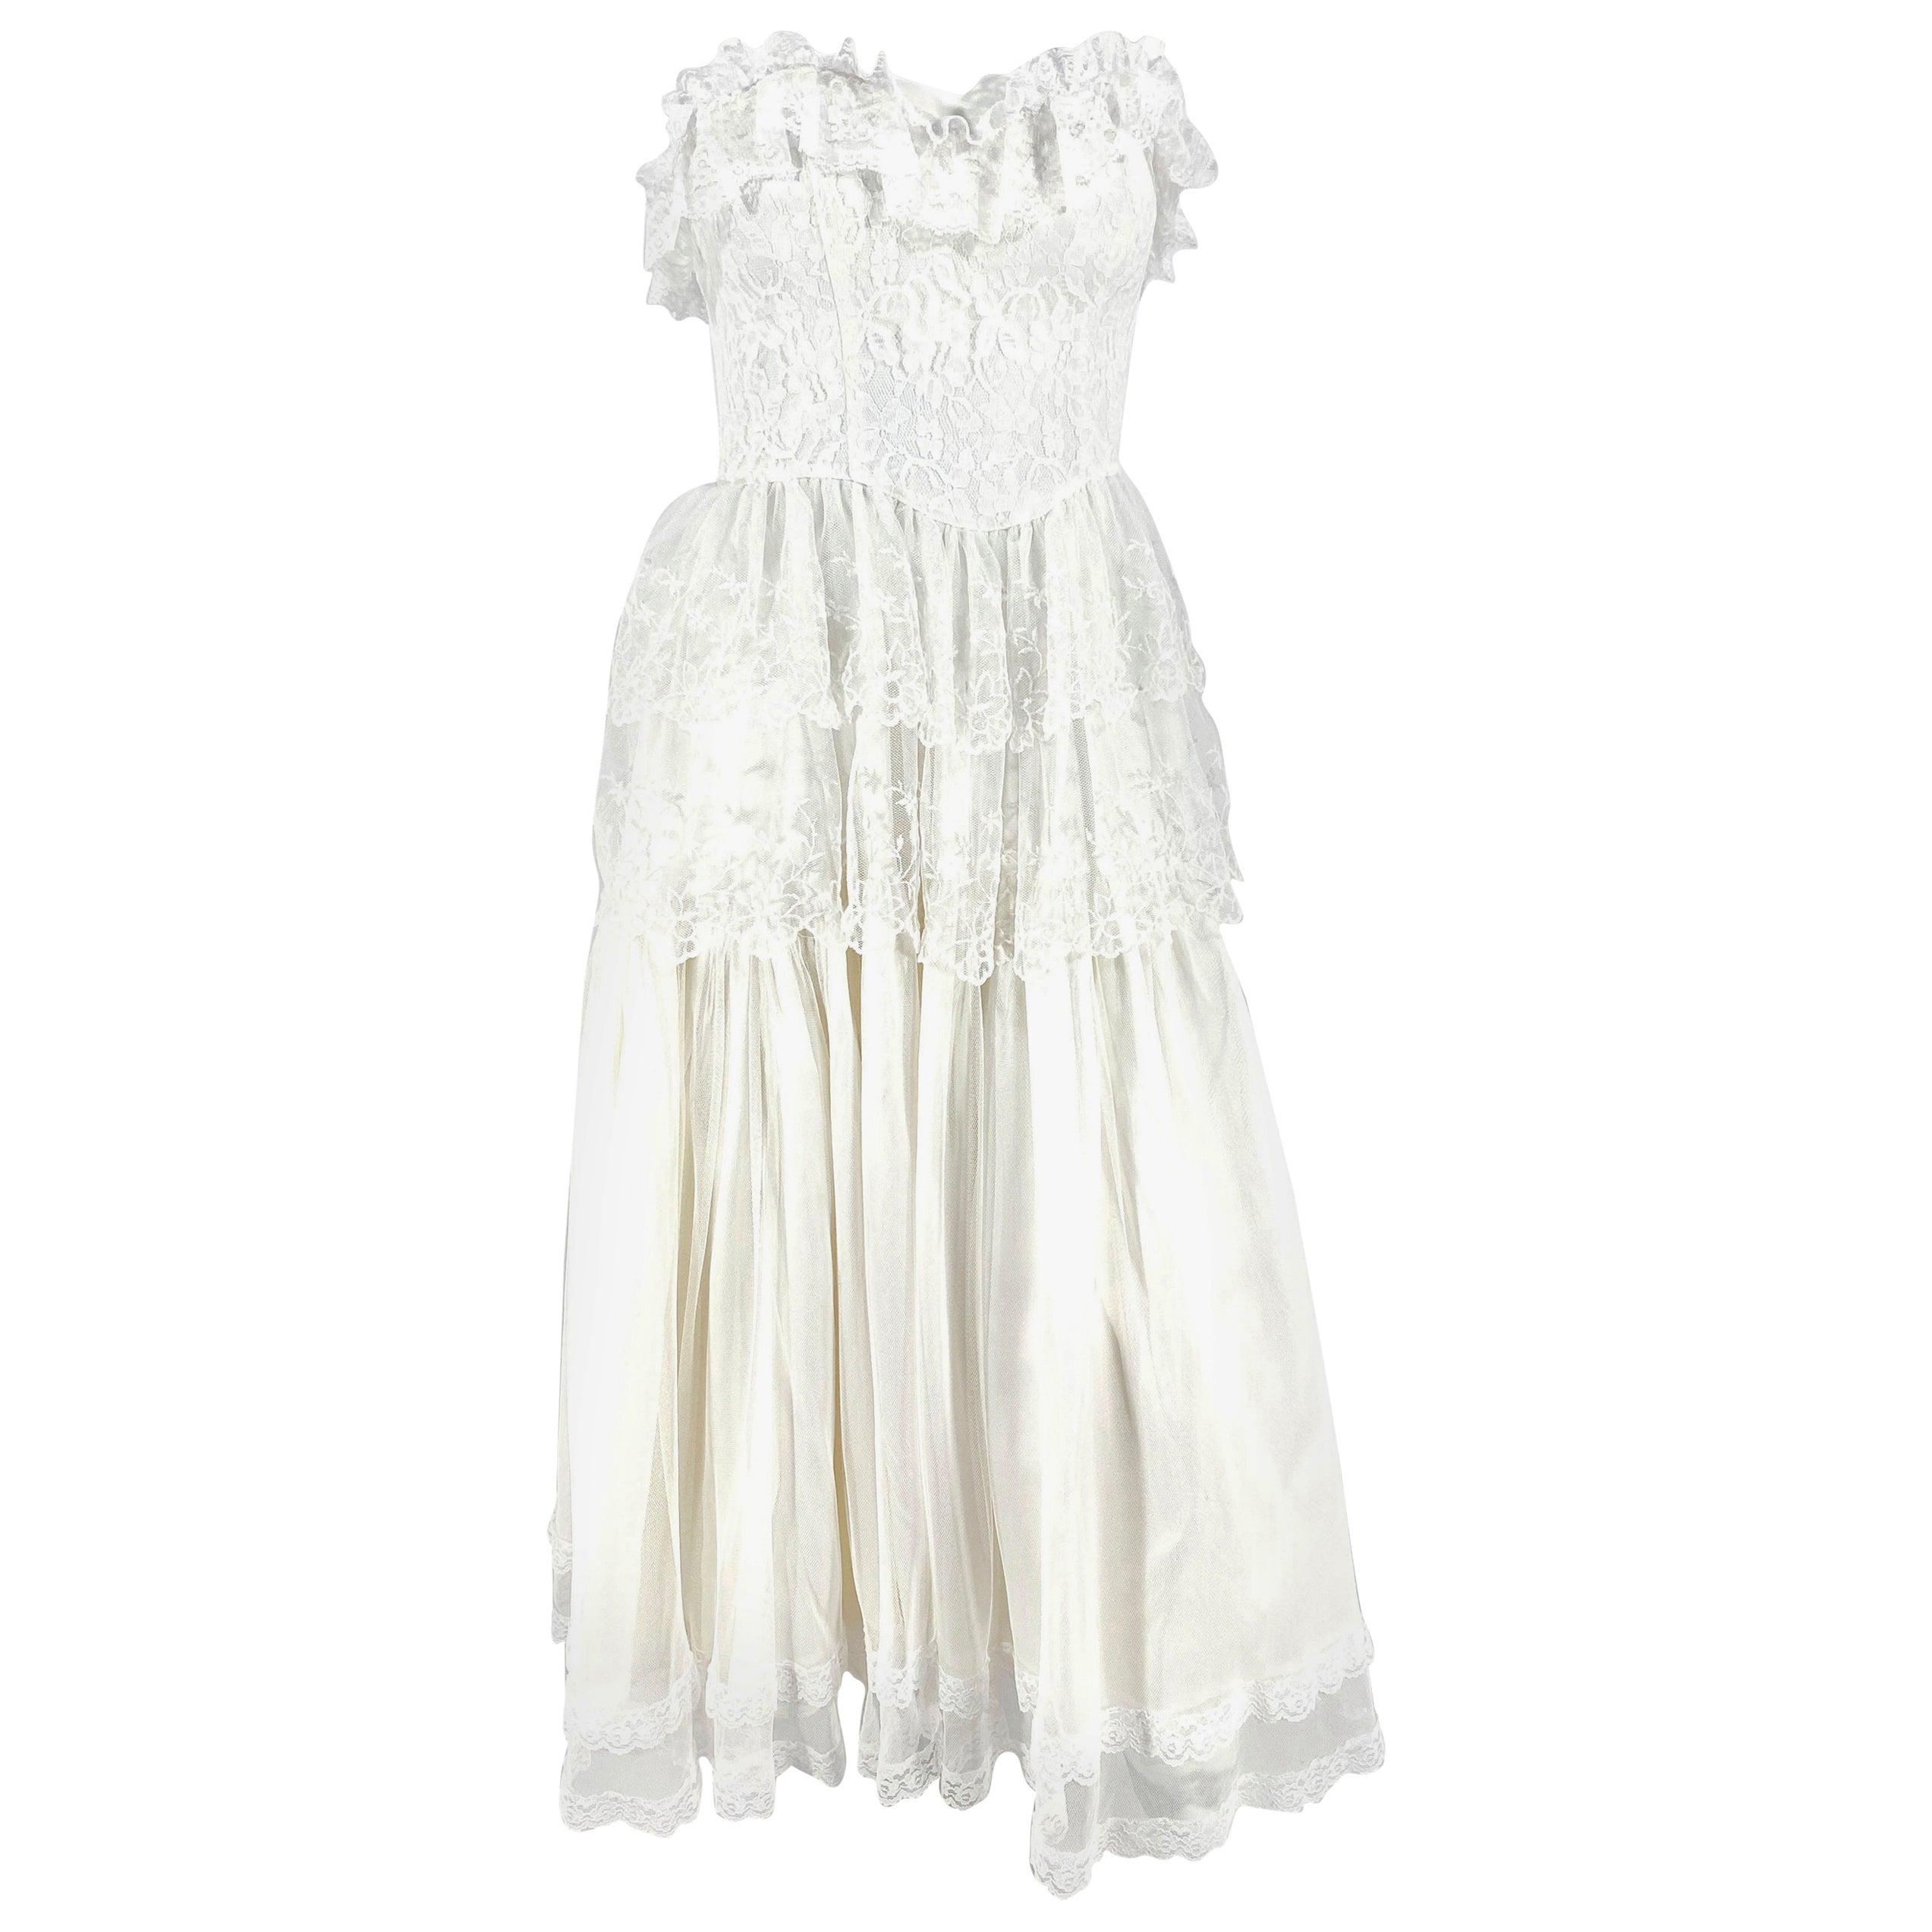 Gunne Sax DressesCottagecore DressesGunne SaxWhite Gunne Sax Dresses80/'s Dresses80/'s Gunne Sax DressesWhite DressesMINT CONDITION